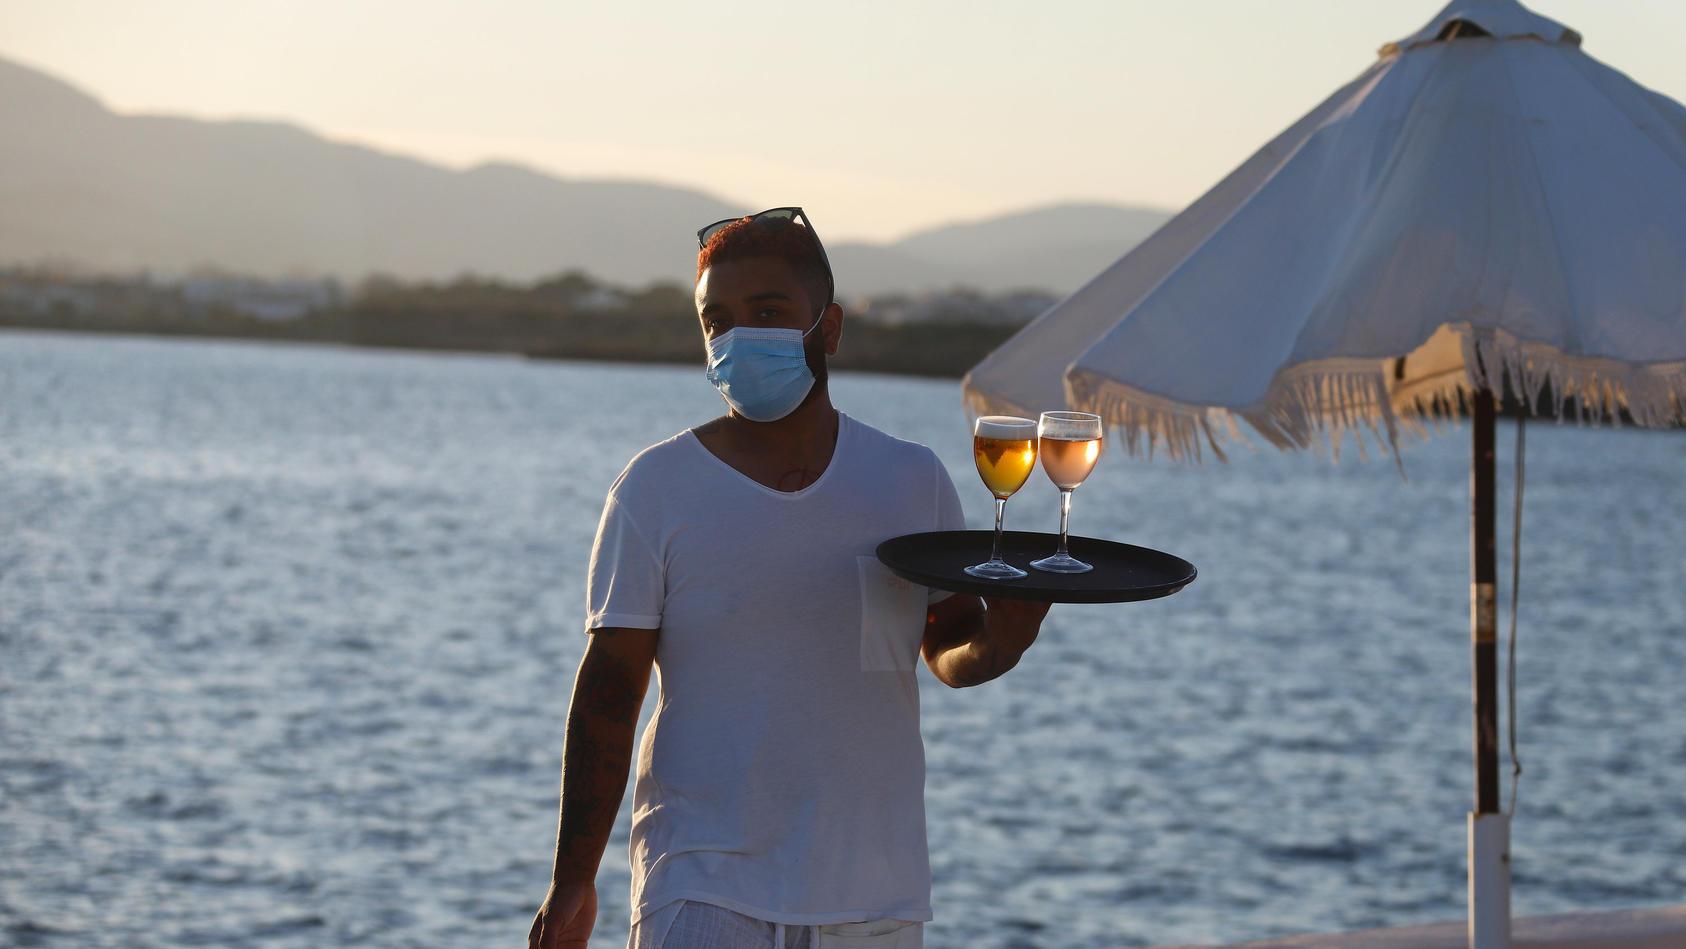 Sommerferien in der Pandemie